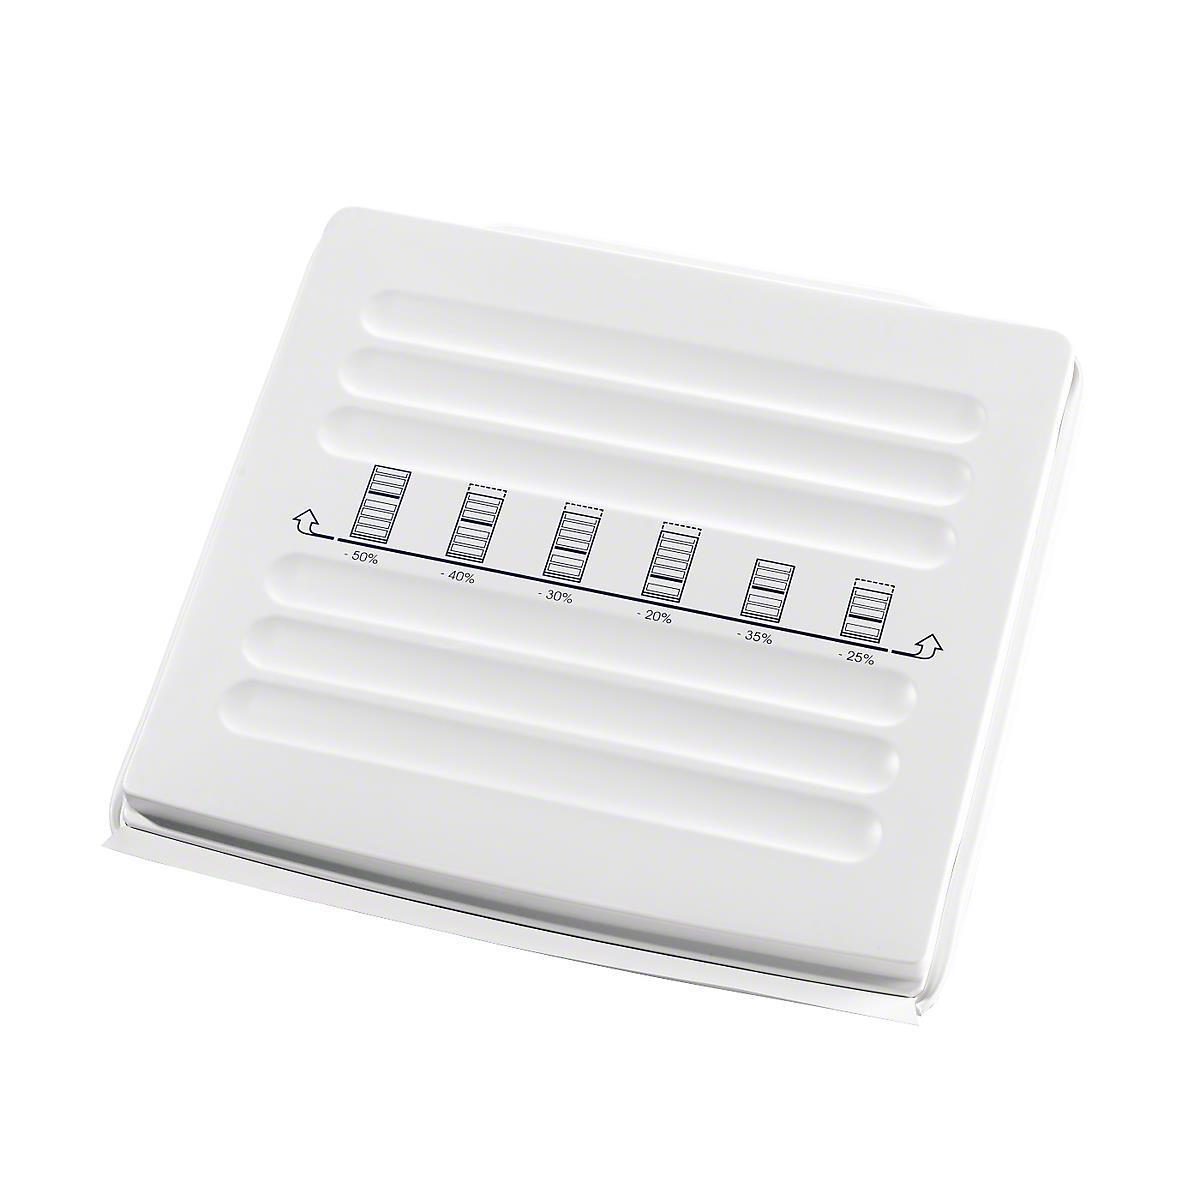 IP 660 Isolationsplatte für Gefrierschrä